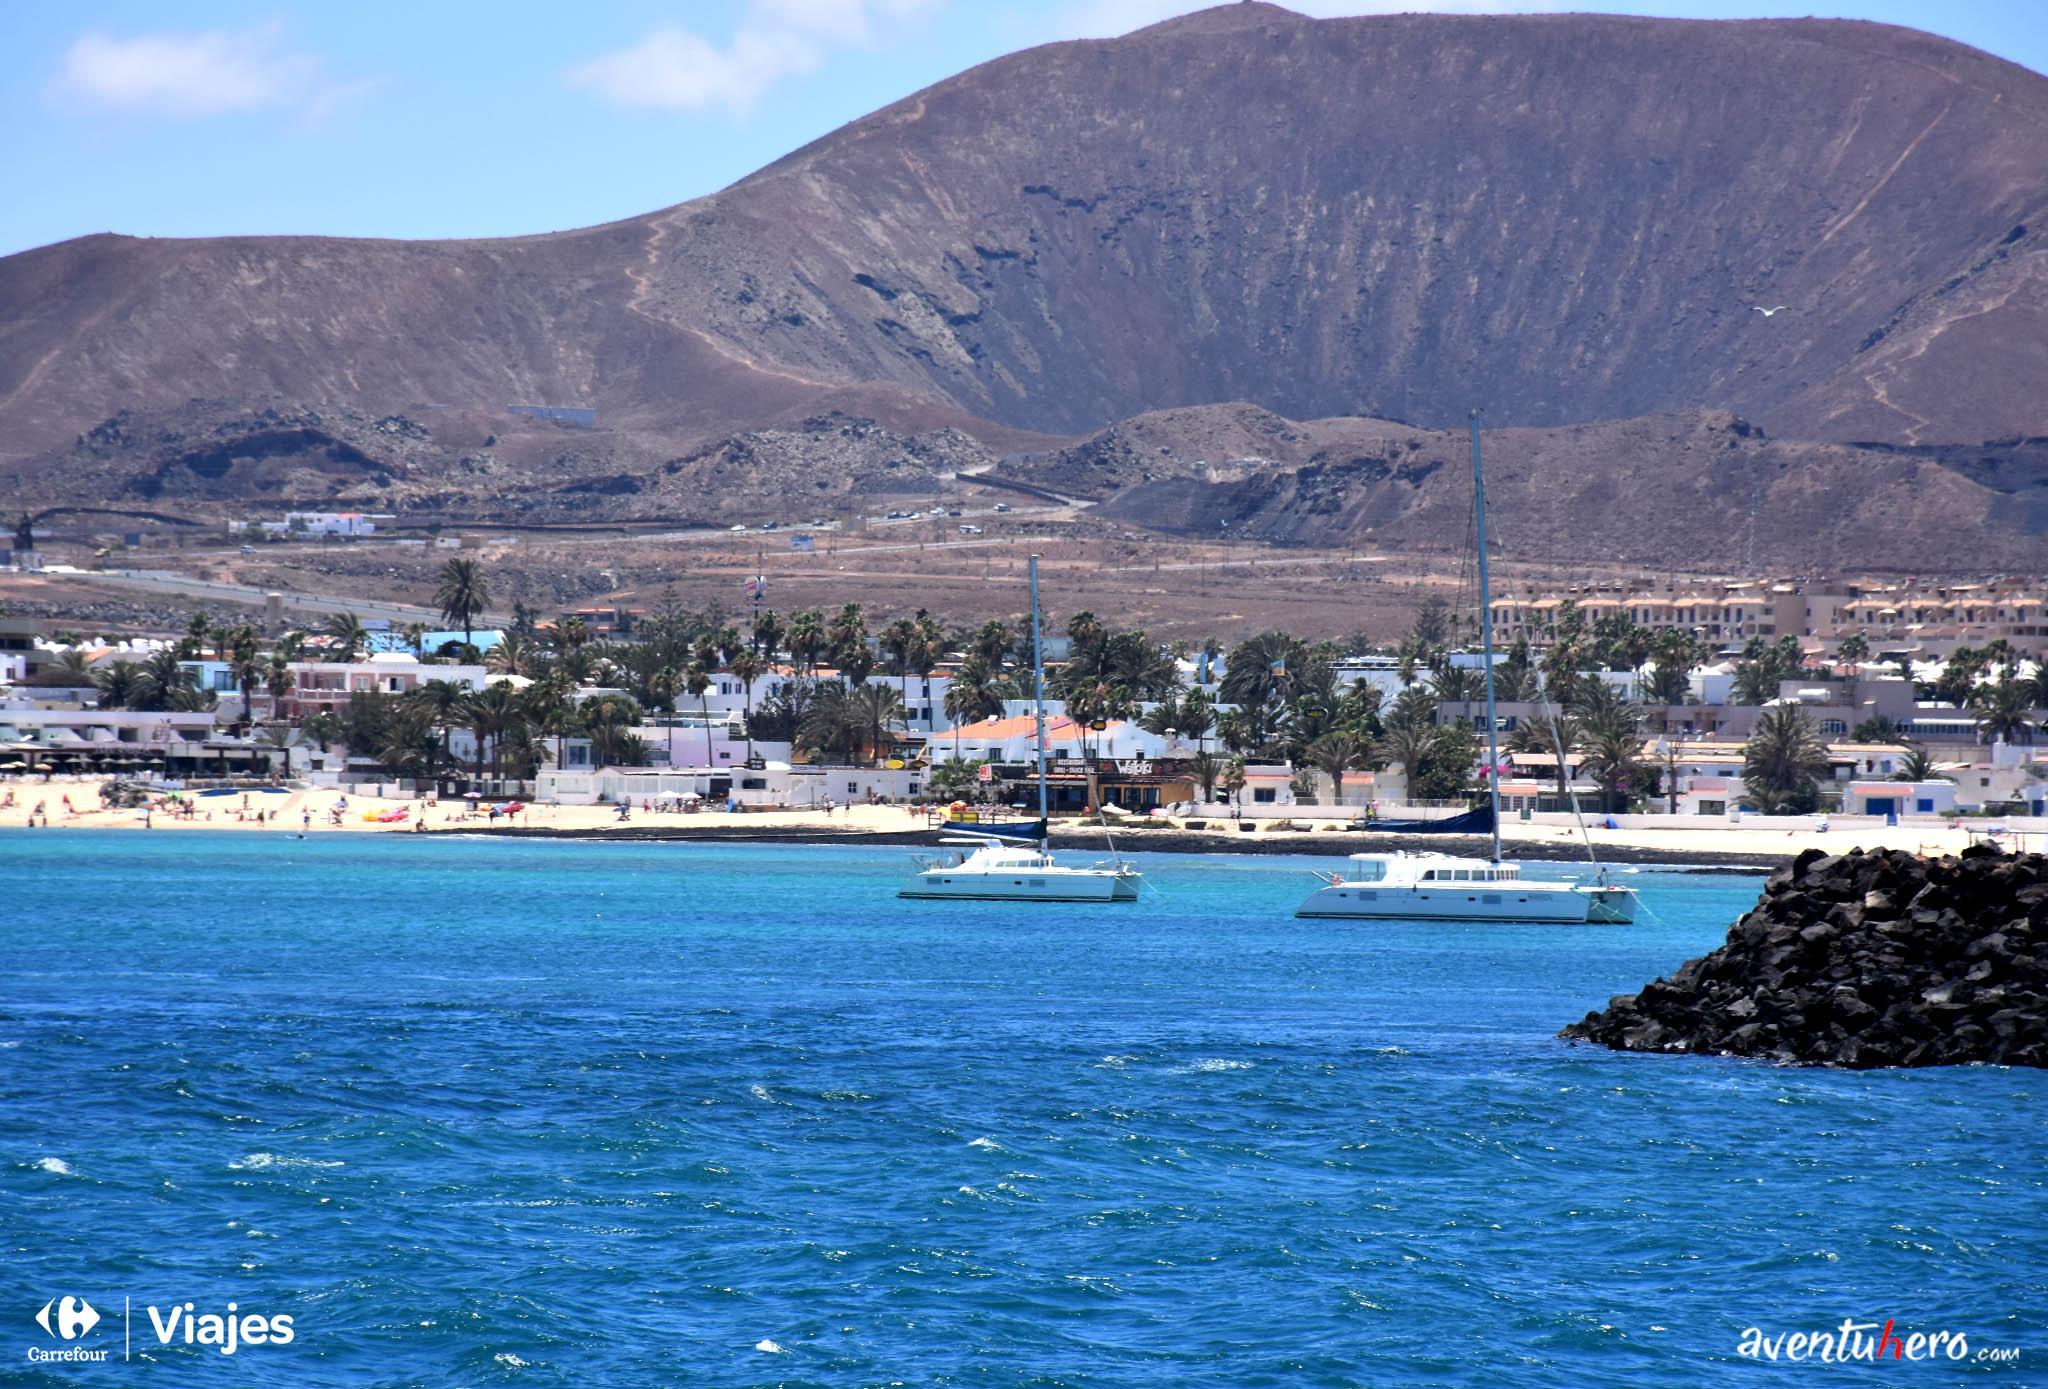 Aventuhero - El puerto de Fuerteventura